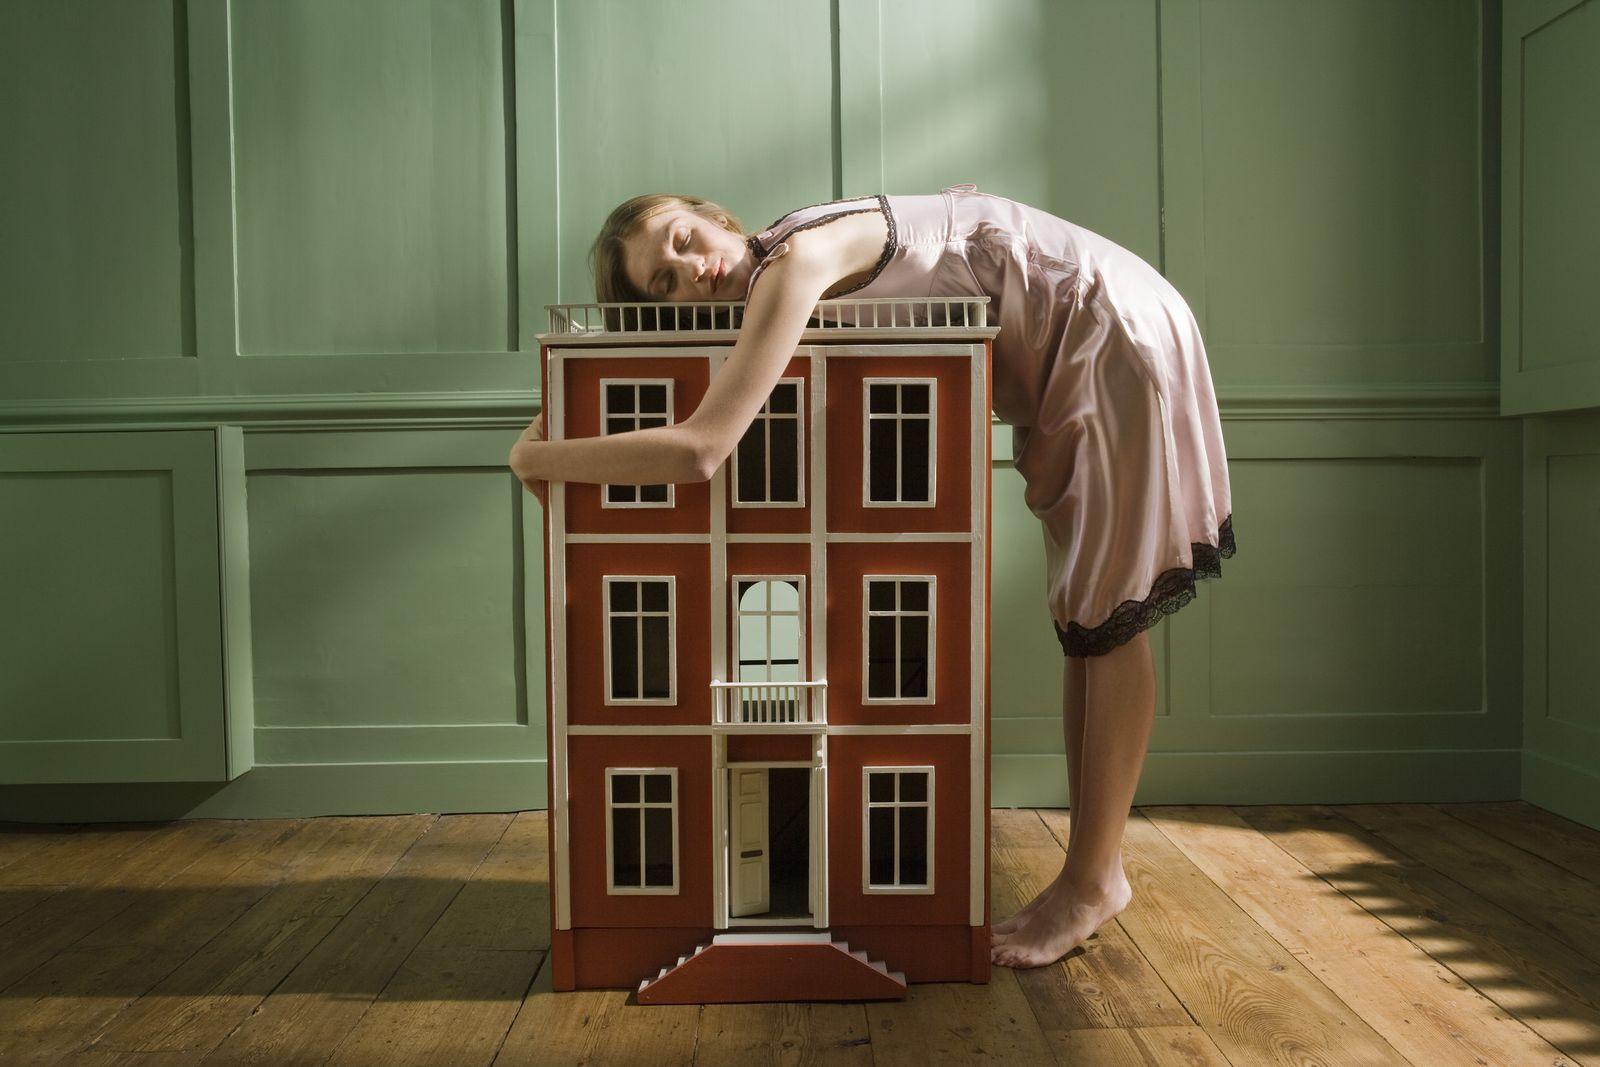 NICHT MEHR VERWENDEN! - KaSP Makler Immobilie Traumhaus SYMBOLBILD